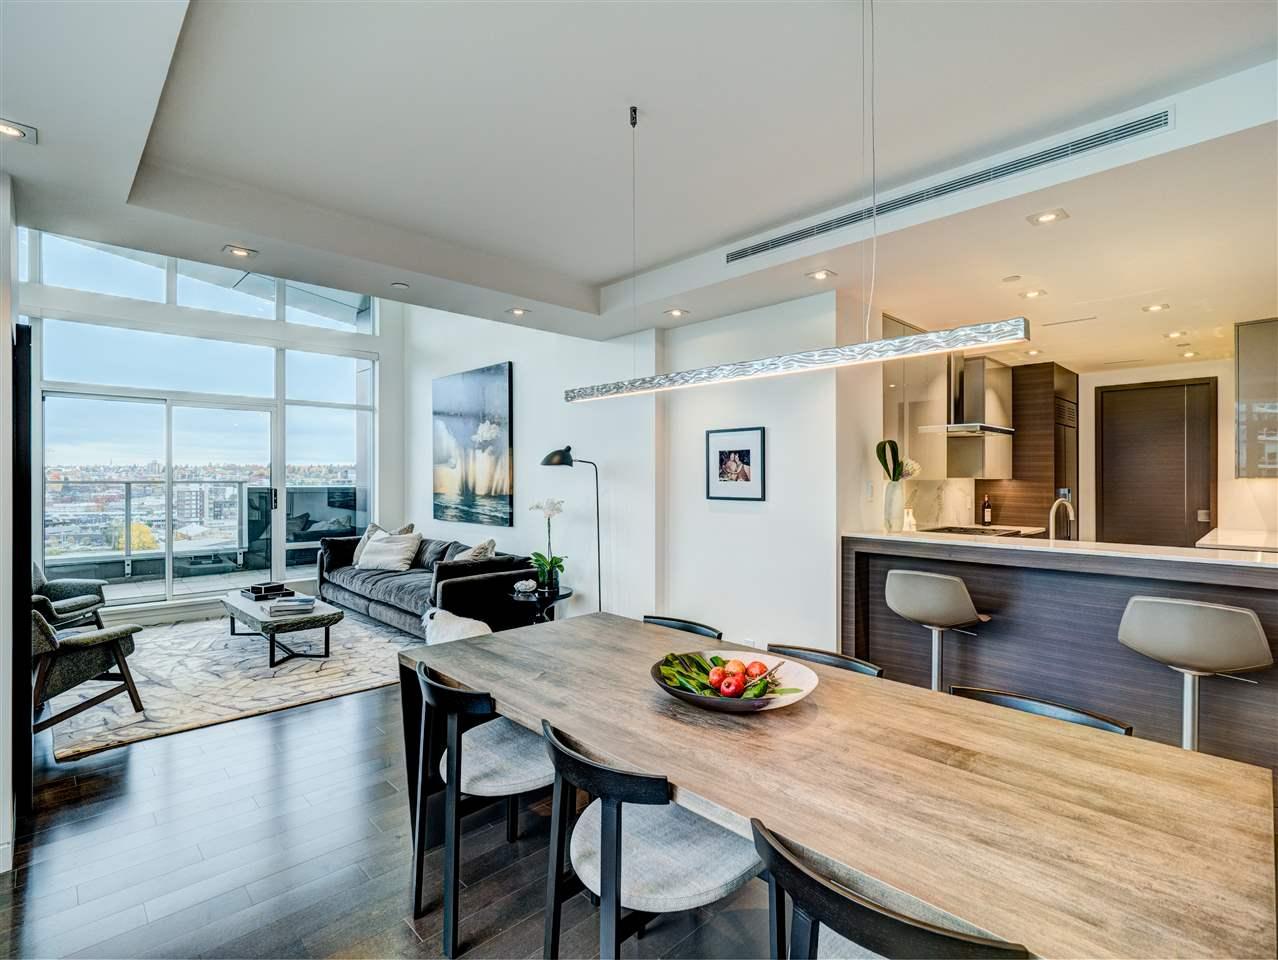 Condo Apartment at PH3 980 COOPERAGE WAY, Unit PH3, Vancouver West, British Columbia. Image 12